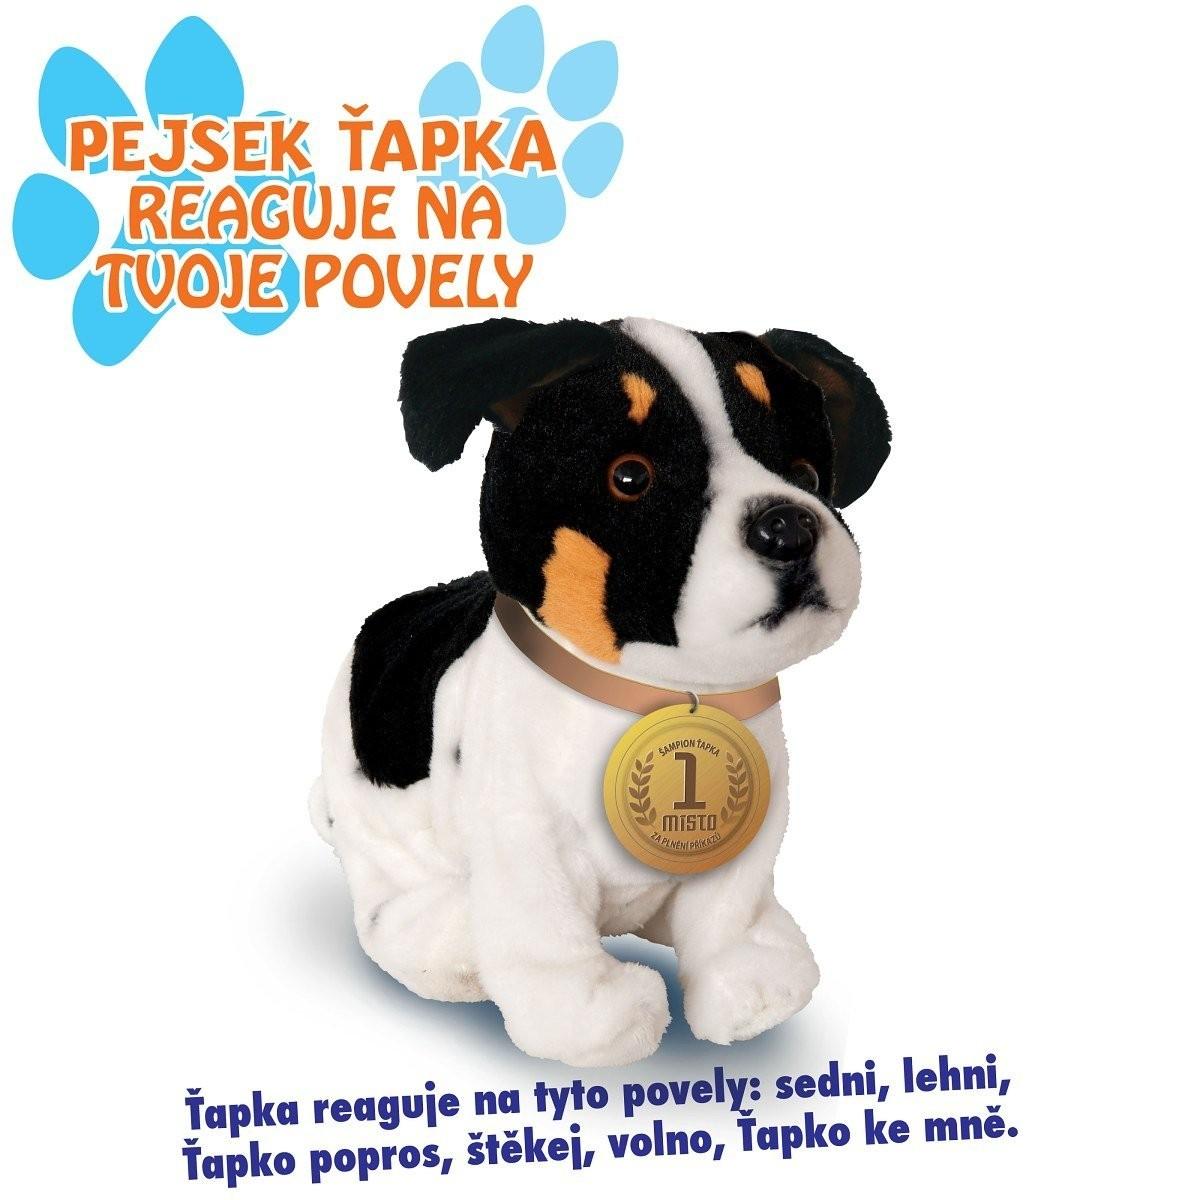 Predstavenie interaktívneho plyšového psíka - Jack Russel teriéra